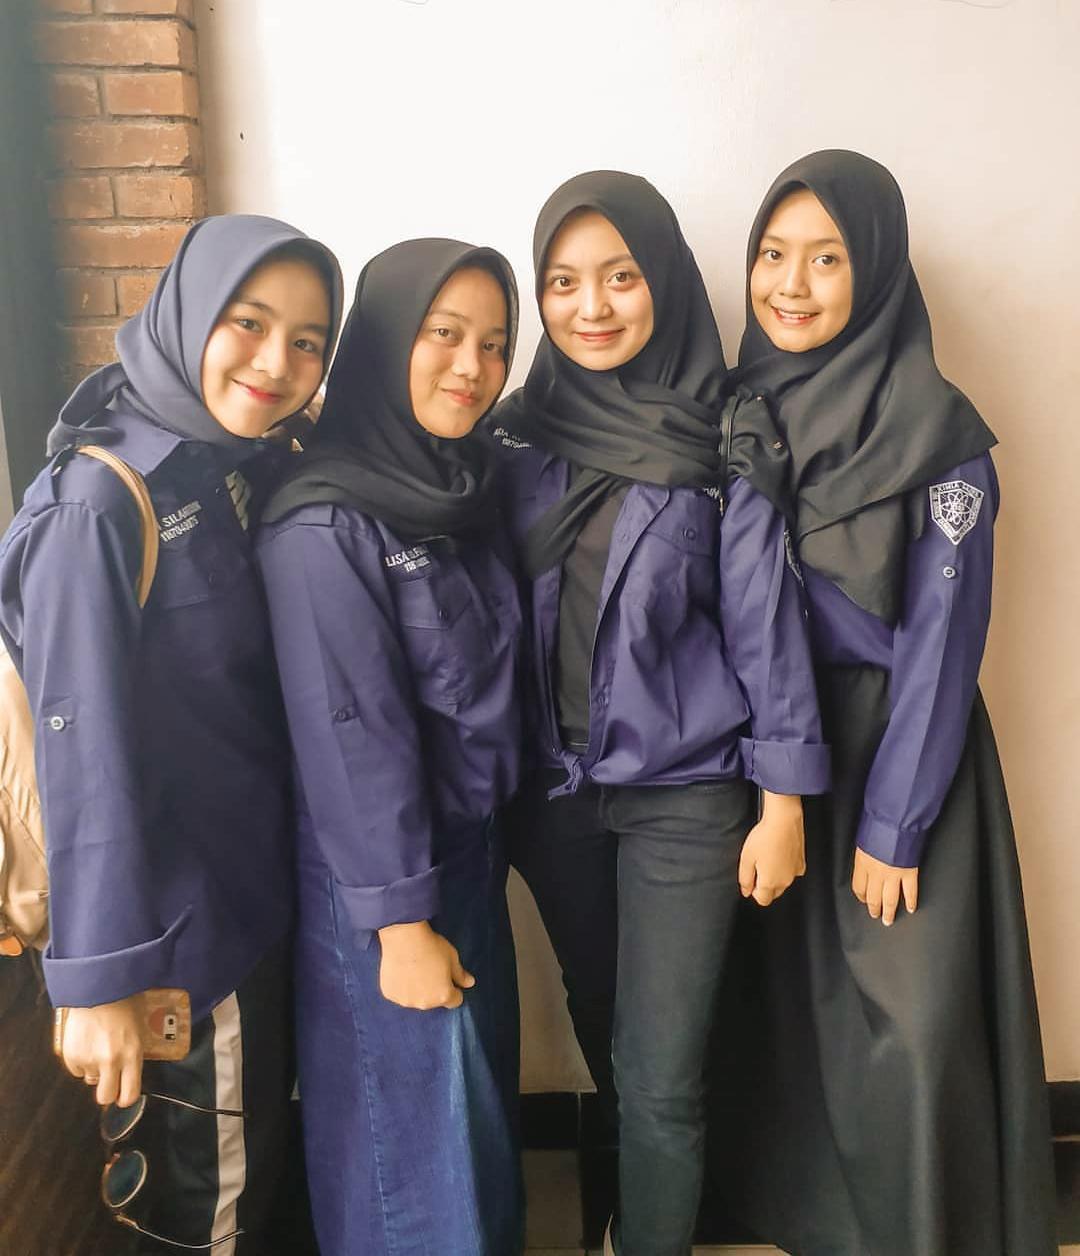 Hijaber mahasiswi Jilbab di fakultas Teknik